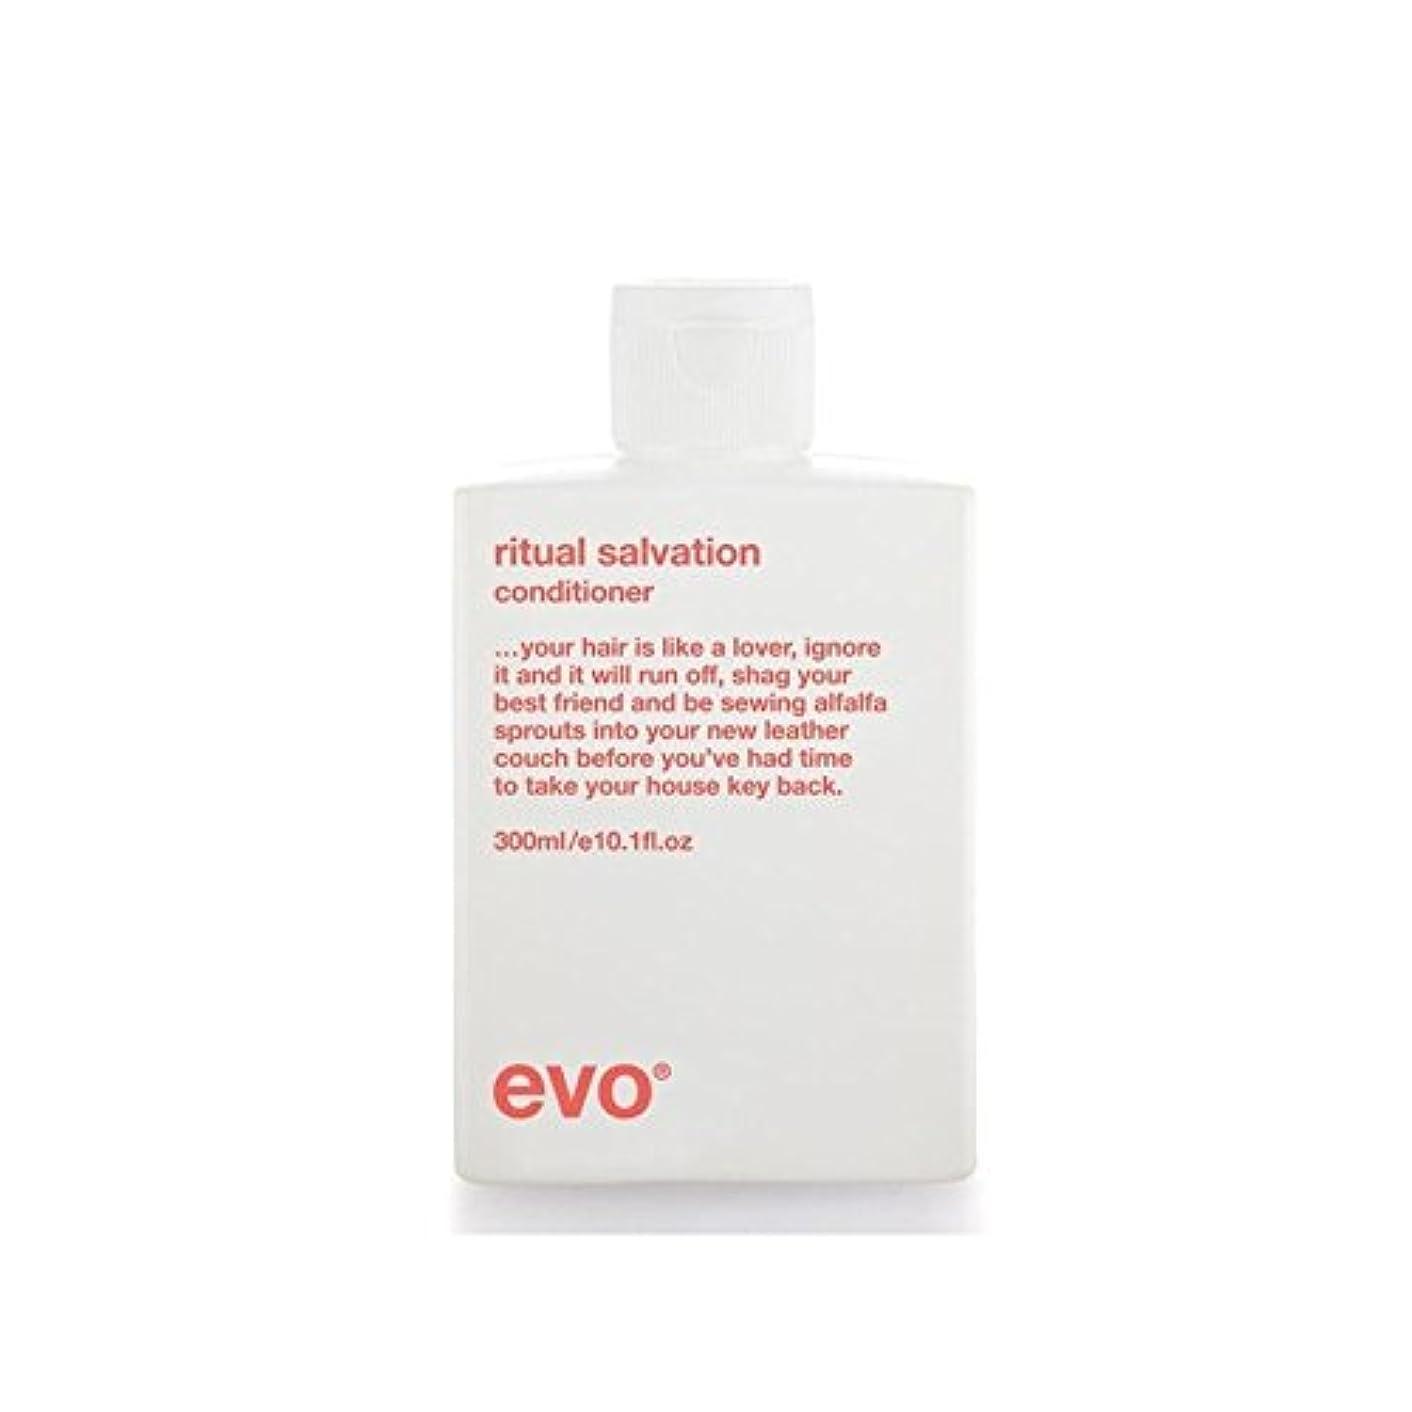 タイト歌手資本主義Evo Ritual Salvation Conditioner (300ml) (Pack of 6) - 儀式救いコンディショナー(300ミリリットル) x6 [並行輸入品]